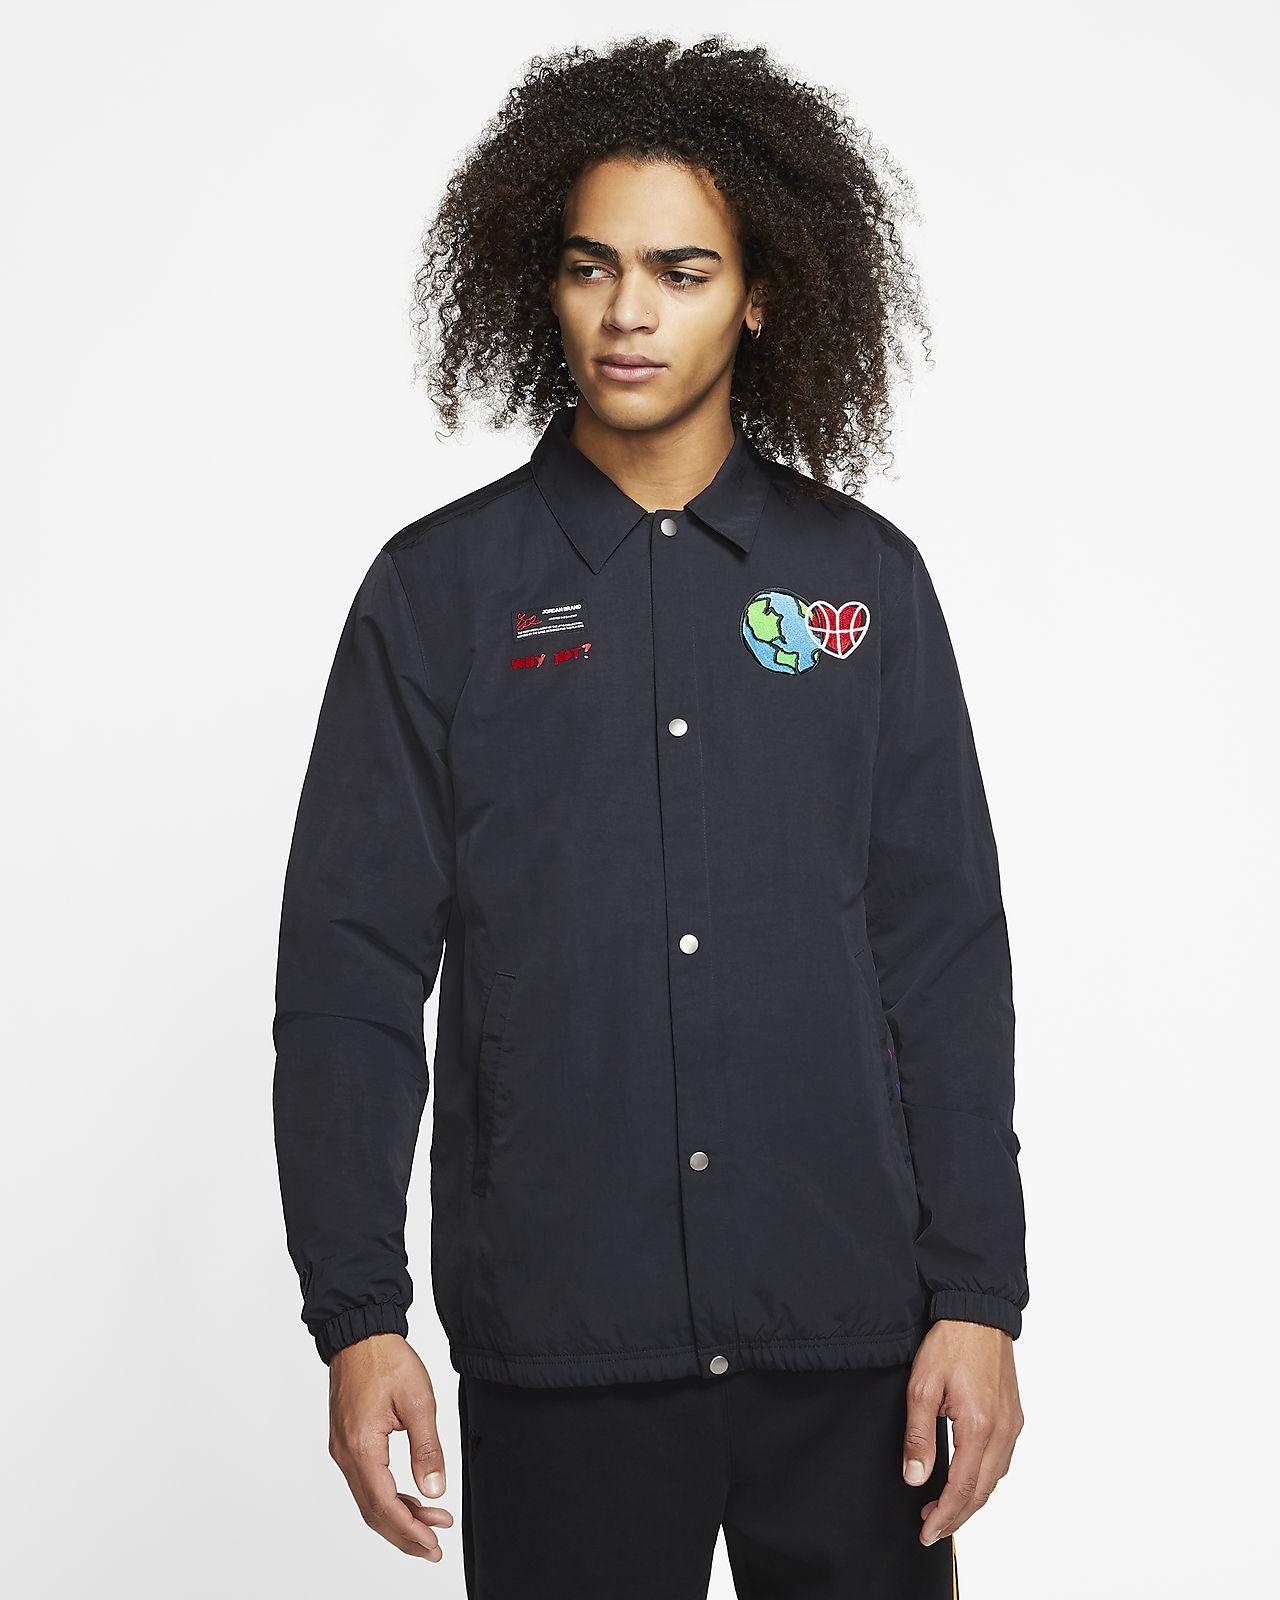 Jordan Why Not? Men's Jacket